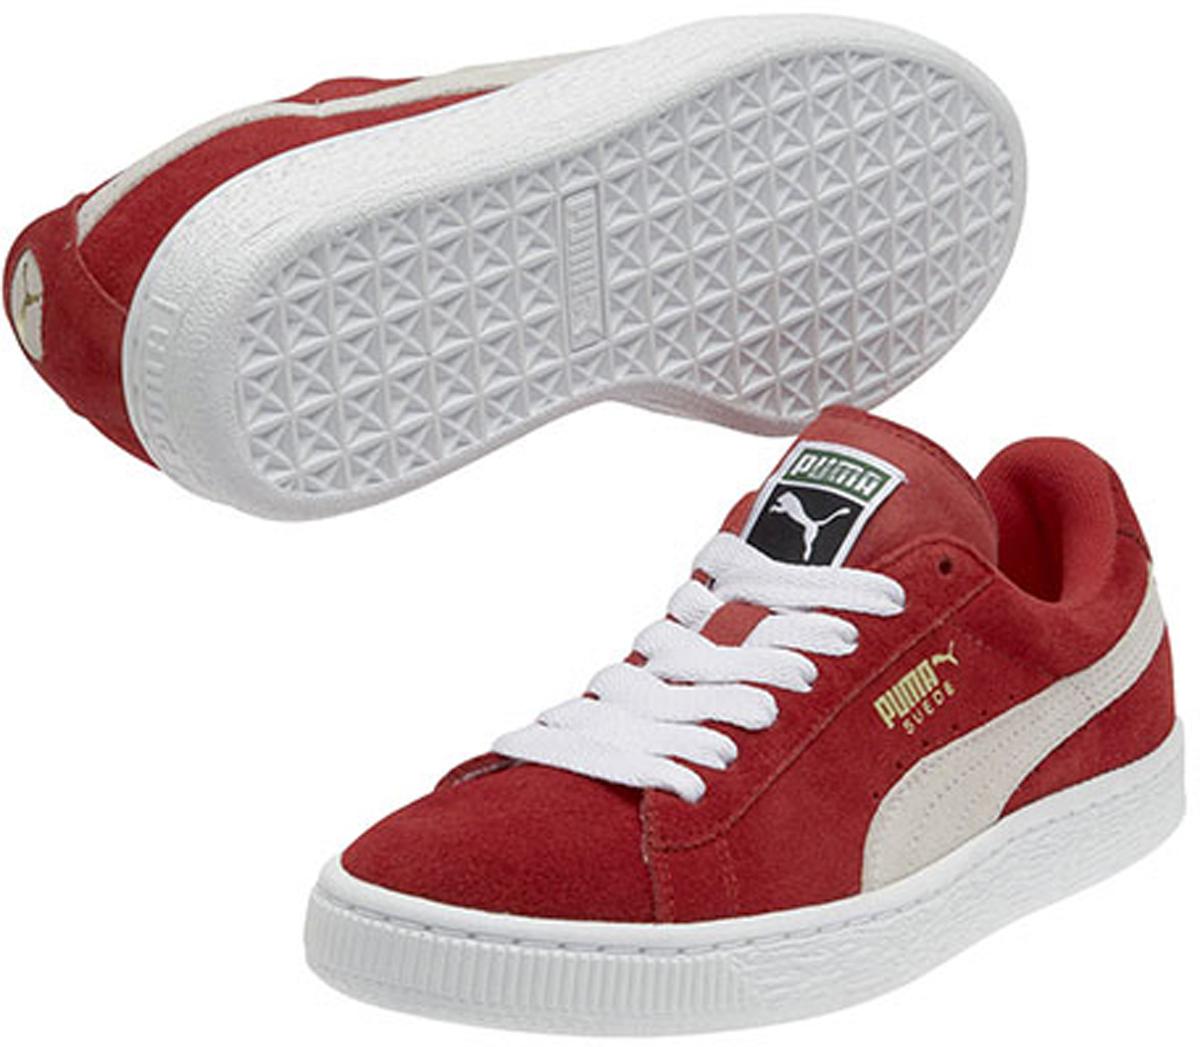 Кеды детские Puma Suede Jr, цвет: красный. 355110031. Размер 6 (38)355110031Без сомнения самая известная и популярная модель PUMA произвела в своё время настоящую революцию в мире спортивной обуви, заслуженно войдя во все возможные залы славы. Везде и всегда Suede от PUMA в самой гуще исторических событий! В культурном смысле эта модель стала первой ласточкой вплеснувшегося на улицы брейк-данса и хип-хопа. И в этом сезоне она возвращается! Культовая модель Suede Classic представлена сегодня в традиционном варианте с верхом из мягкой замши насыщенных цветов и нарядным сплошным белым рантом с прошивкой. На месте и оригинальный логотип PUMA. Кроме того, точные копии знаменитых кед Suede Classic выпускаются в детской шкале размеров.